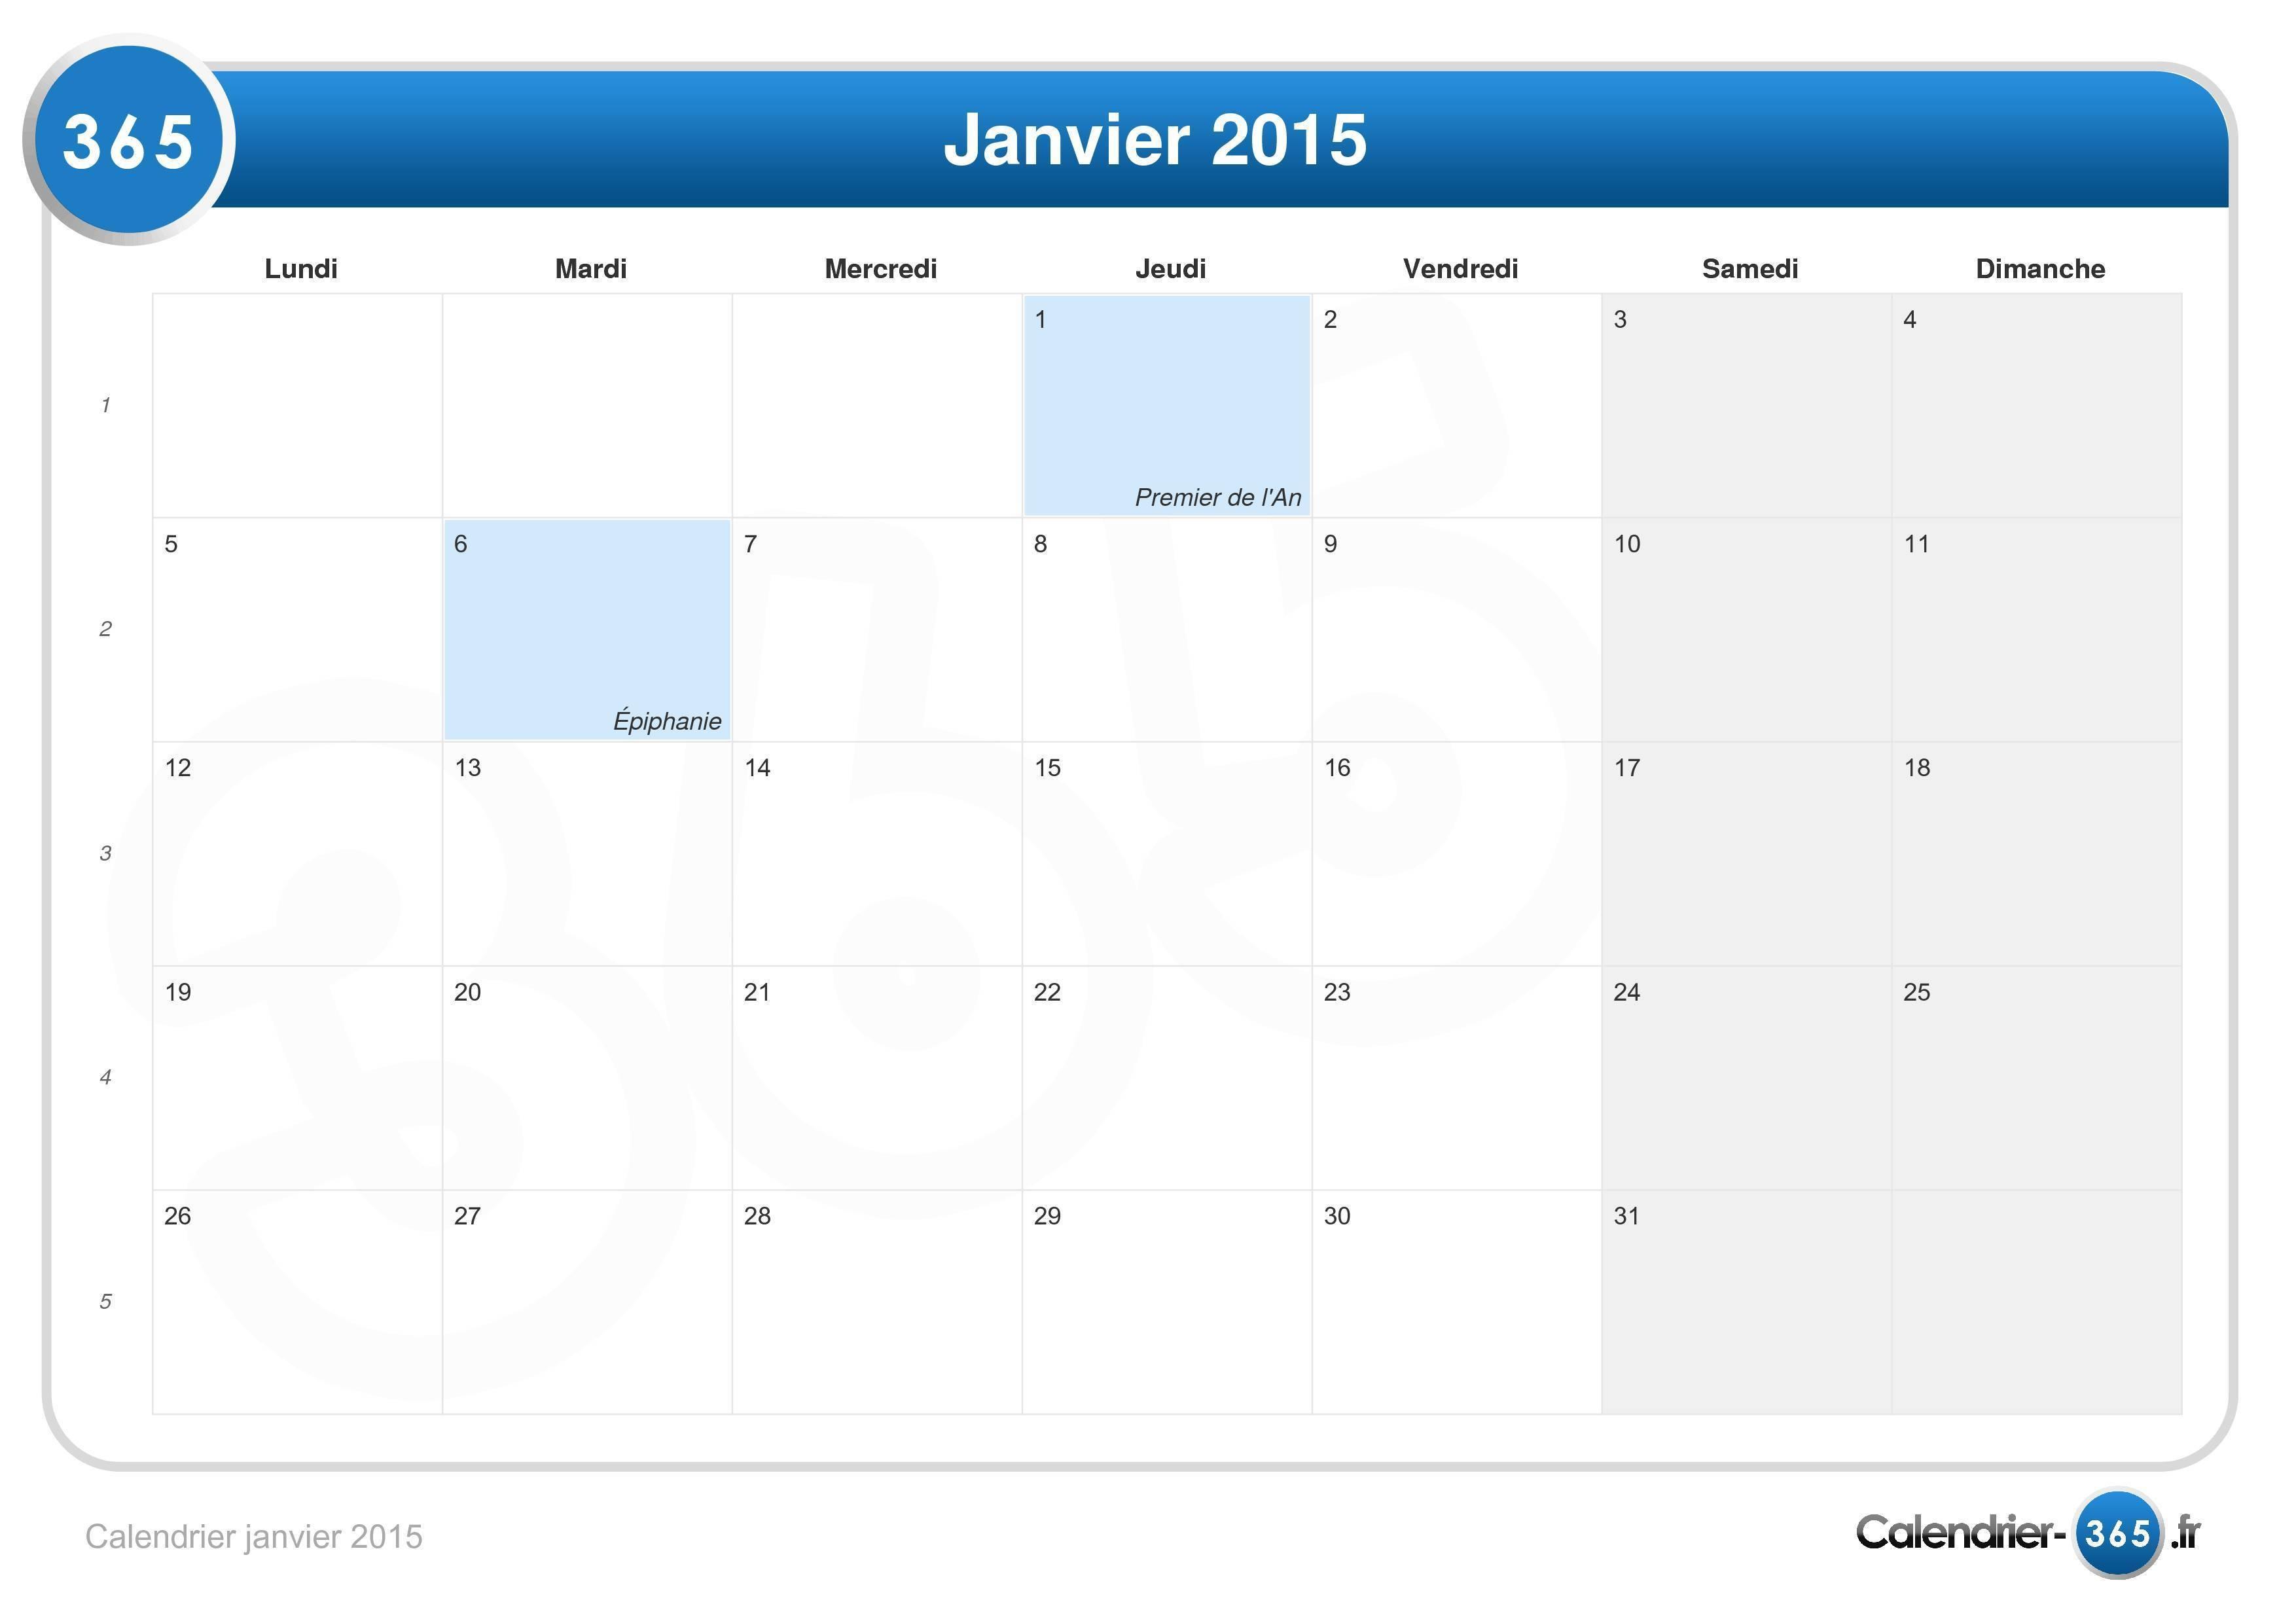 Kalender 2019 Excel Schweiz Más Recientemente Liberado Kalender 2019 Bw Word Of Kalender 2019 Excel Schweiz Recientes Word Vorlage Kalender 2018 56 Elegant Bilder Kalender 2018